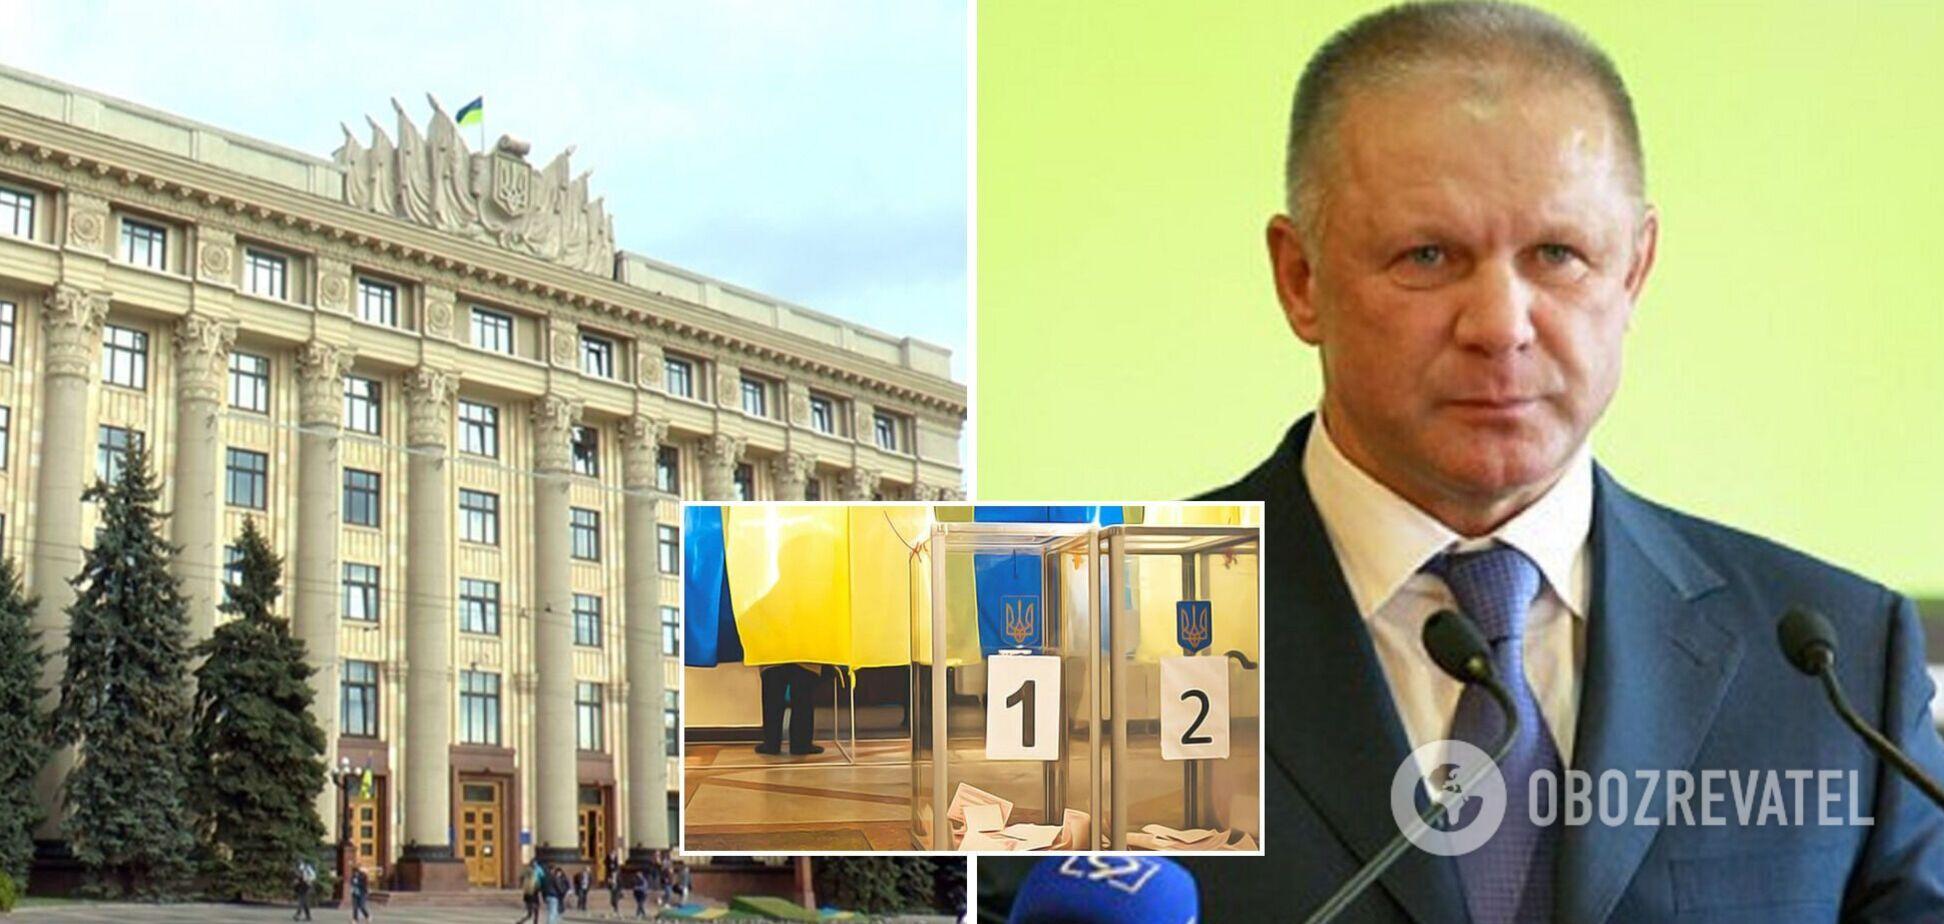 Посаду голови Харківської ОДА може зайняти колишній СБУвець Верхогляд – ЗМІ